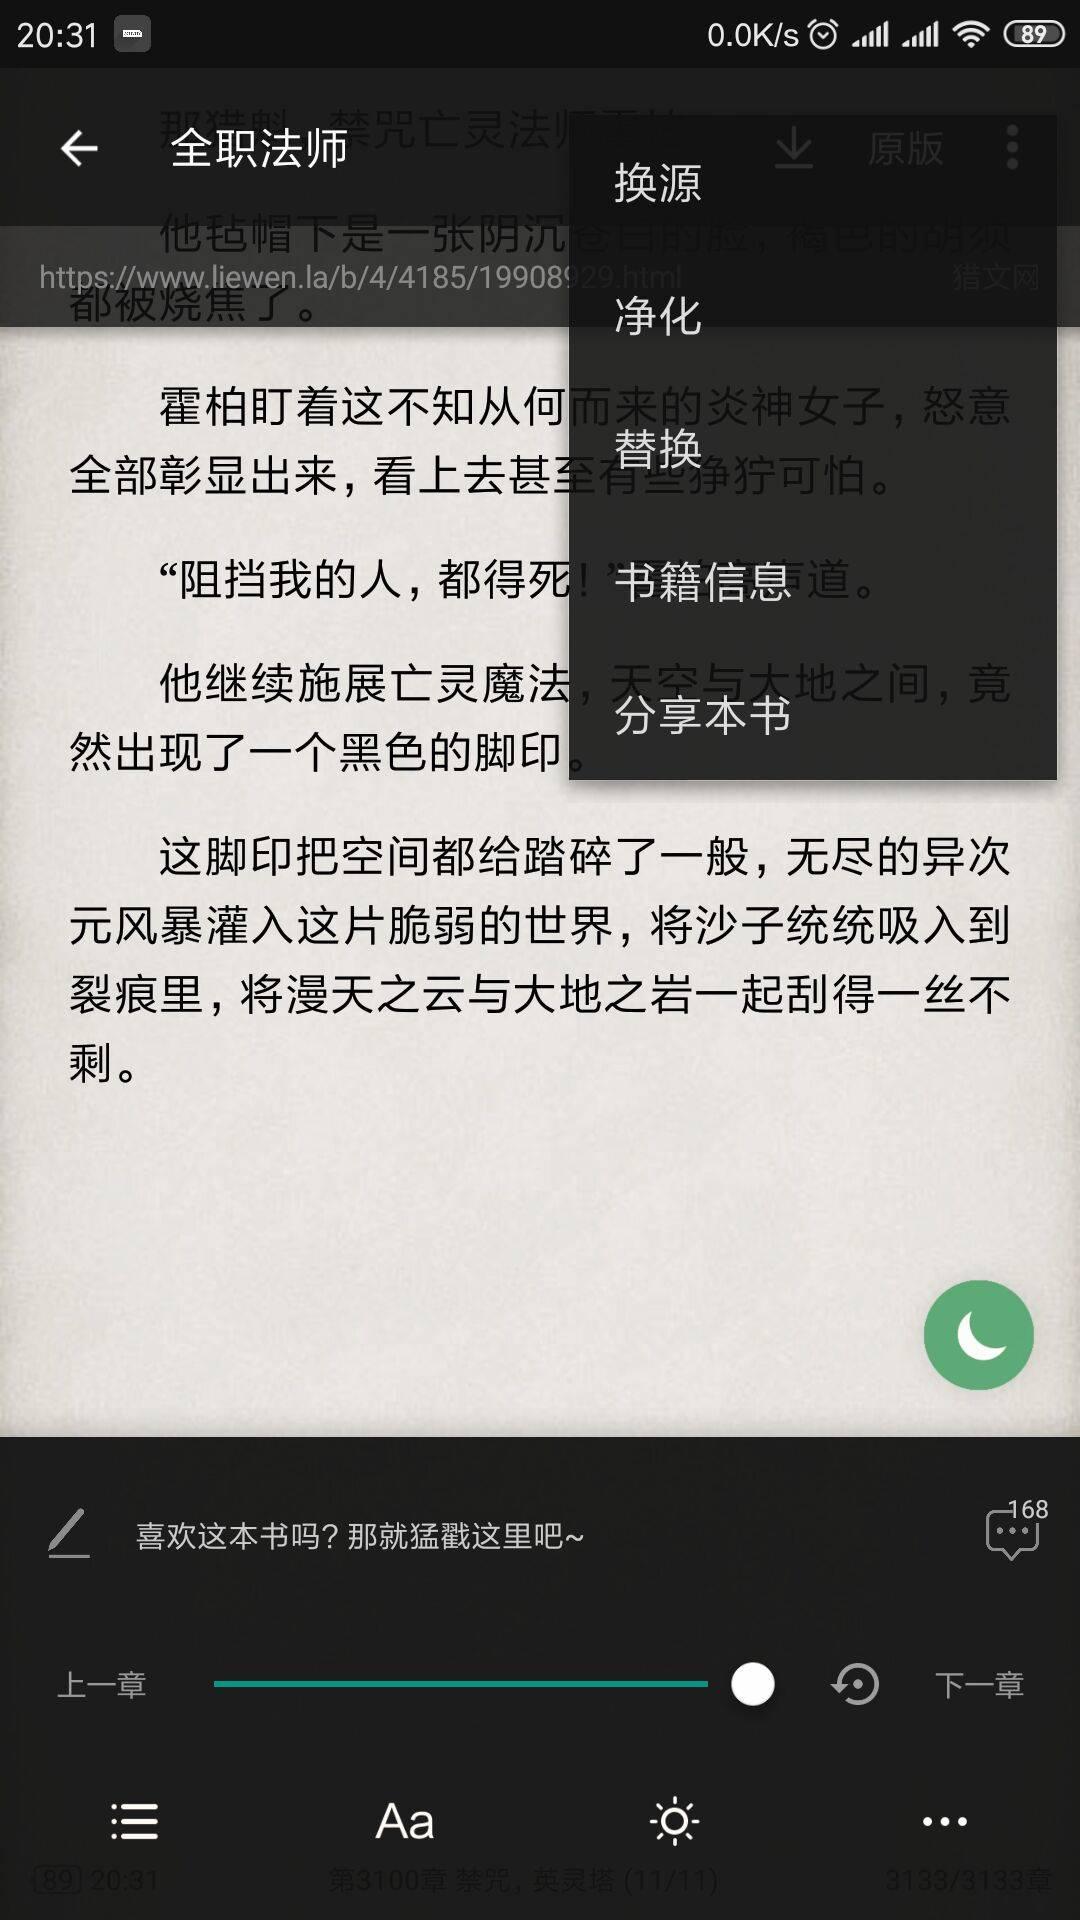 【软件】搜书大师_v21.6